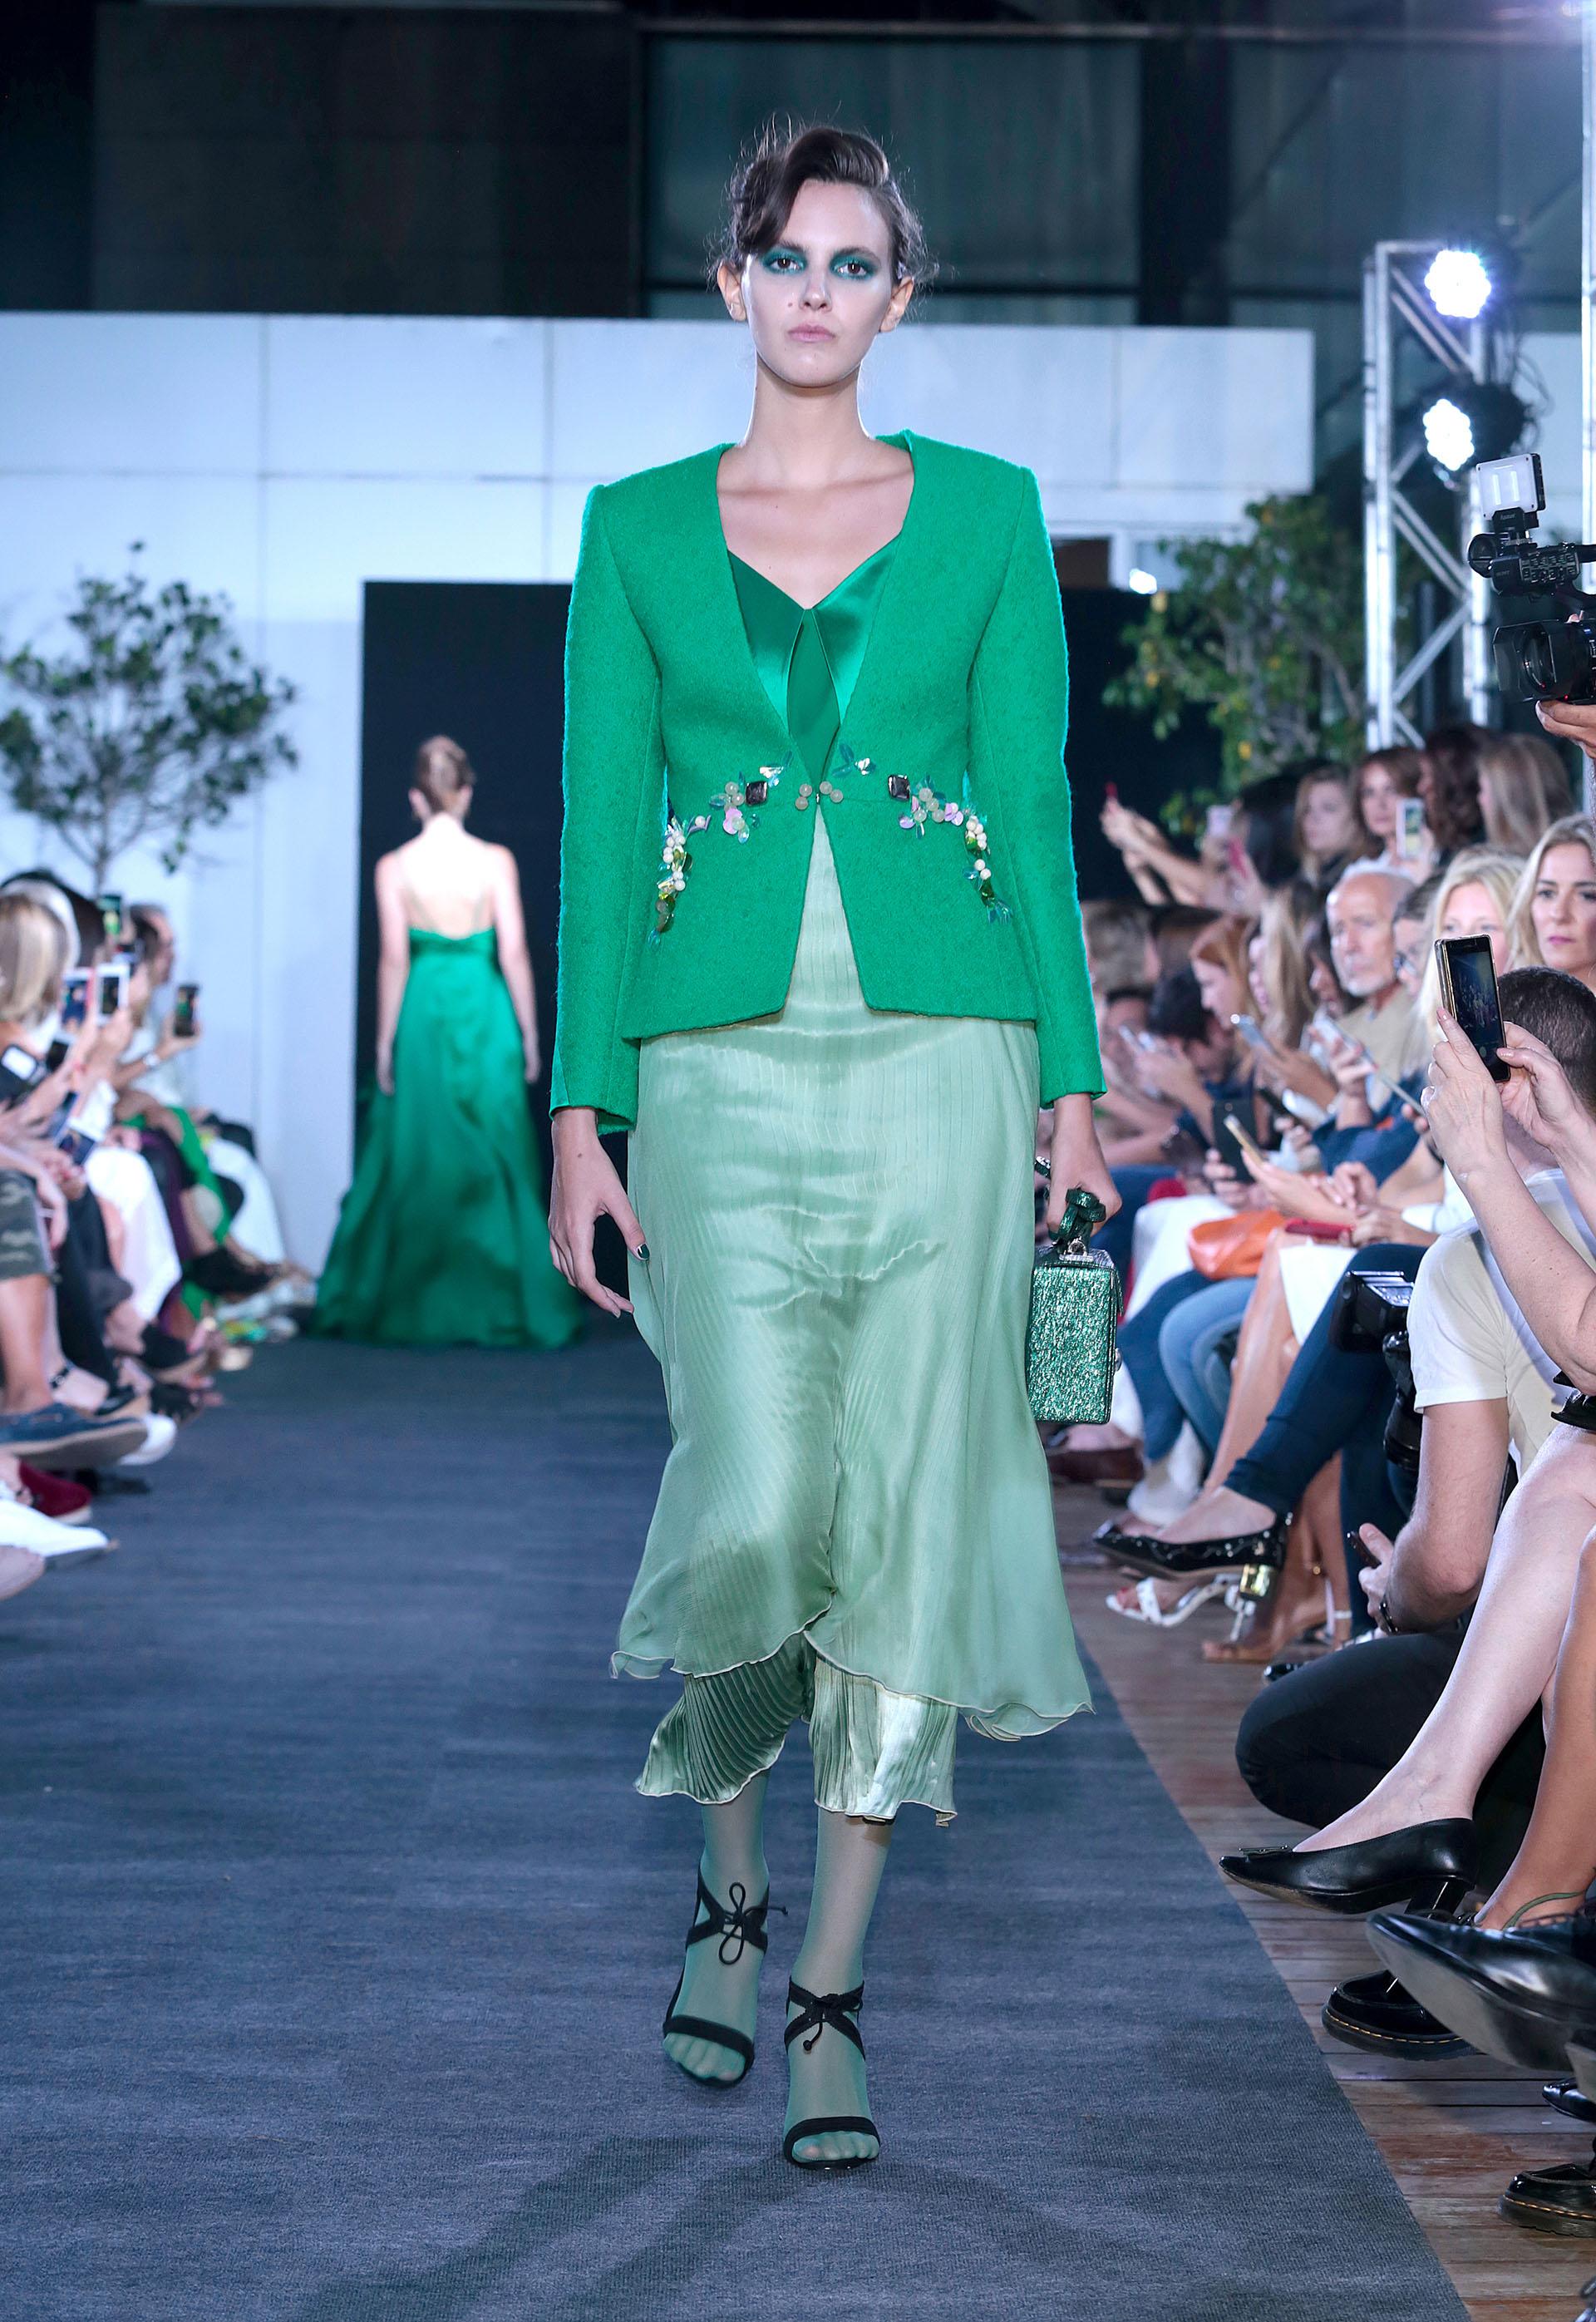 Verde esmeralda, otro color estridente en la pasarela. Saco smoking con bordado sobre vestido plisado de seda y gasa